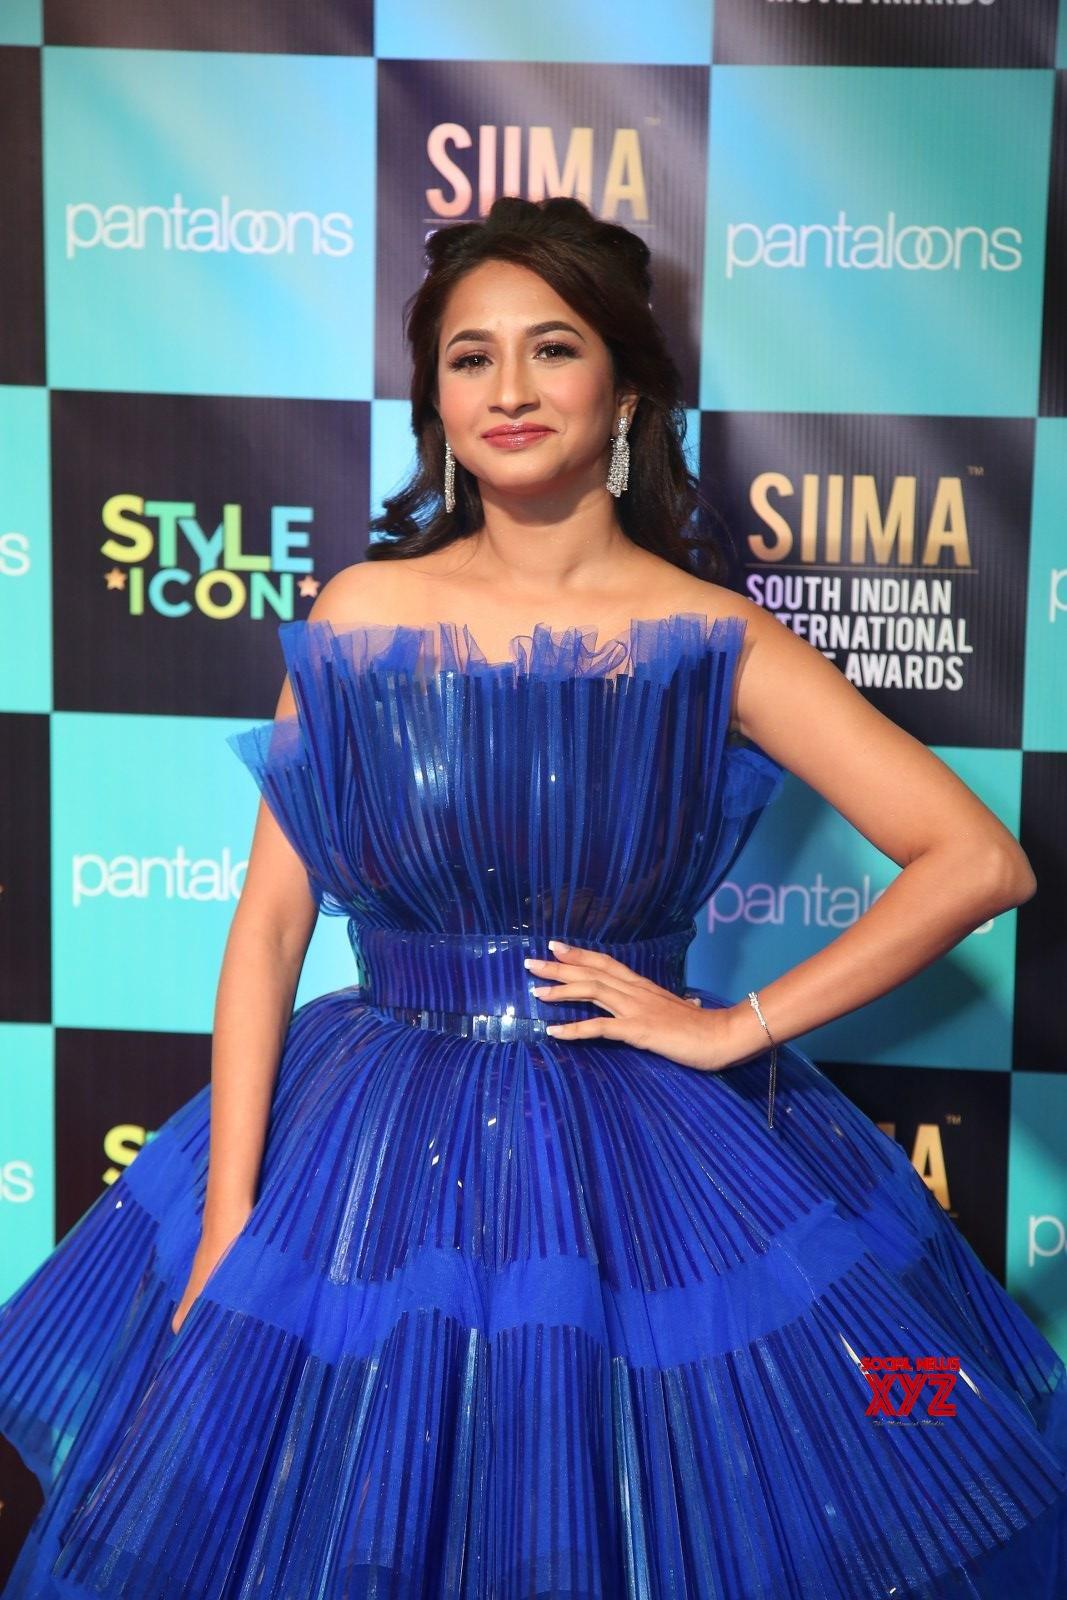 Actress Manvita Stills From SIIMA Awards 2019 Red Carpet